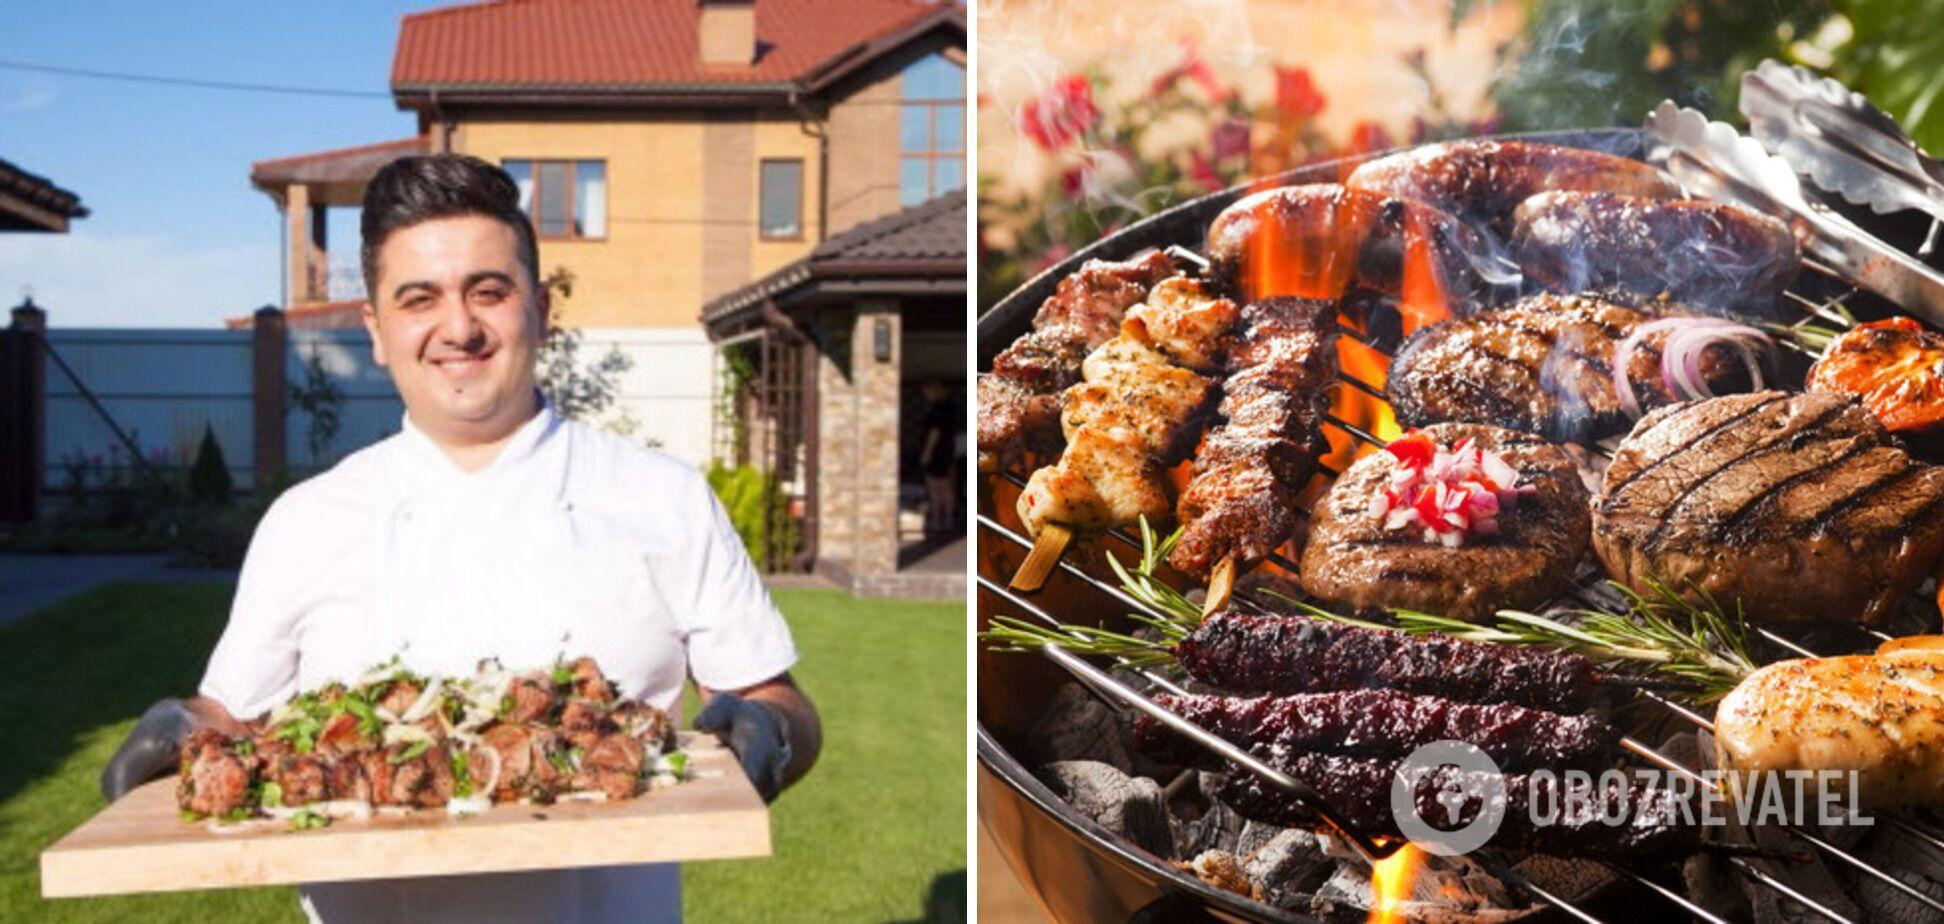 Алік Мкртчян – професіонал з приготування м'яса